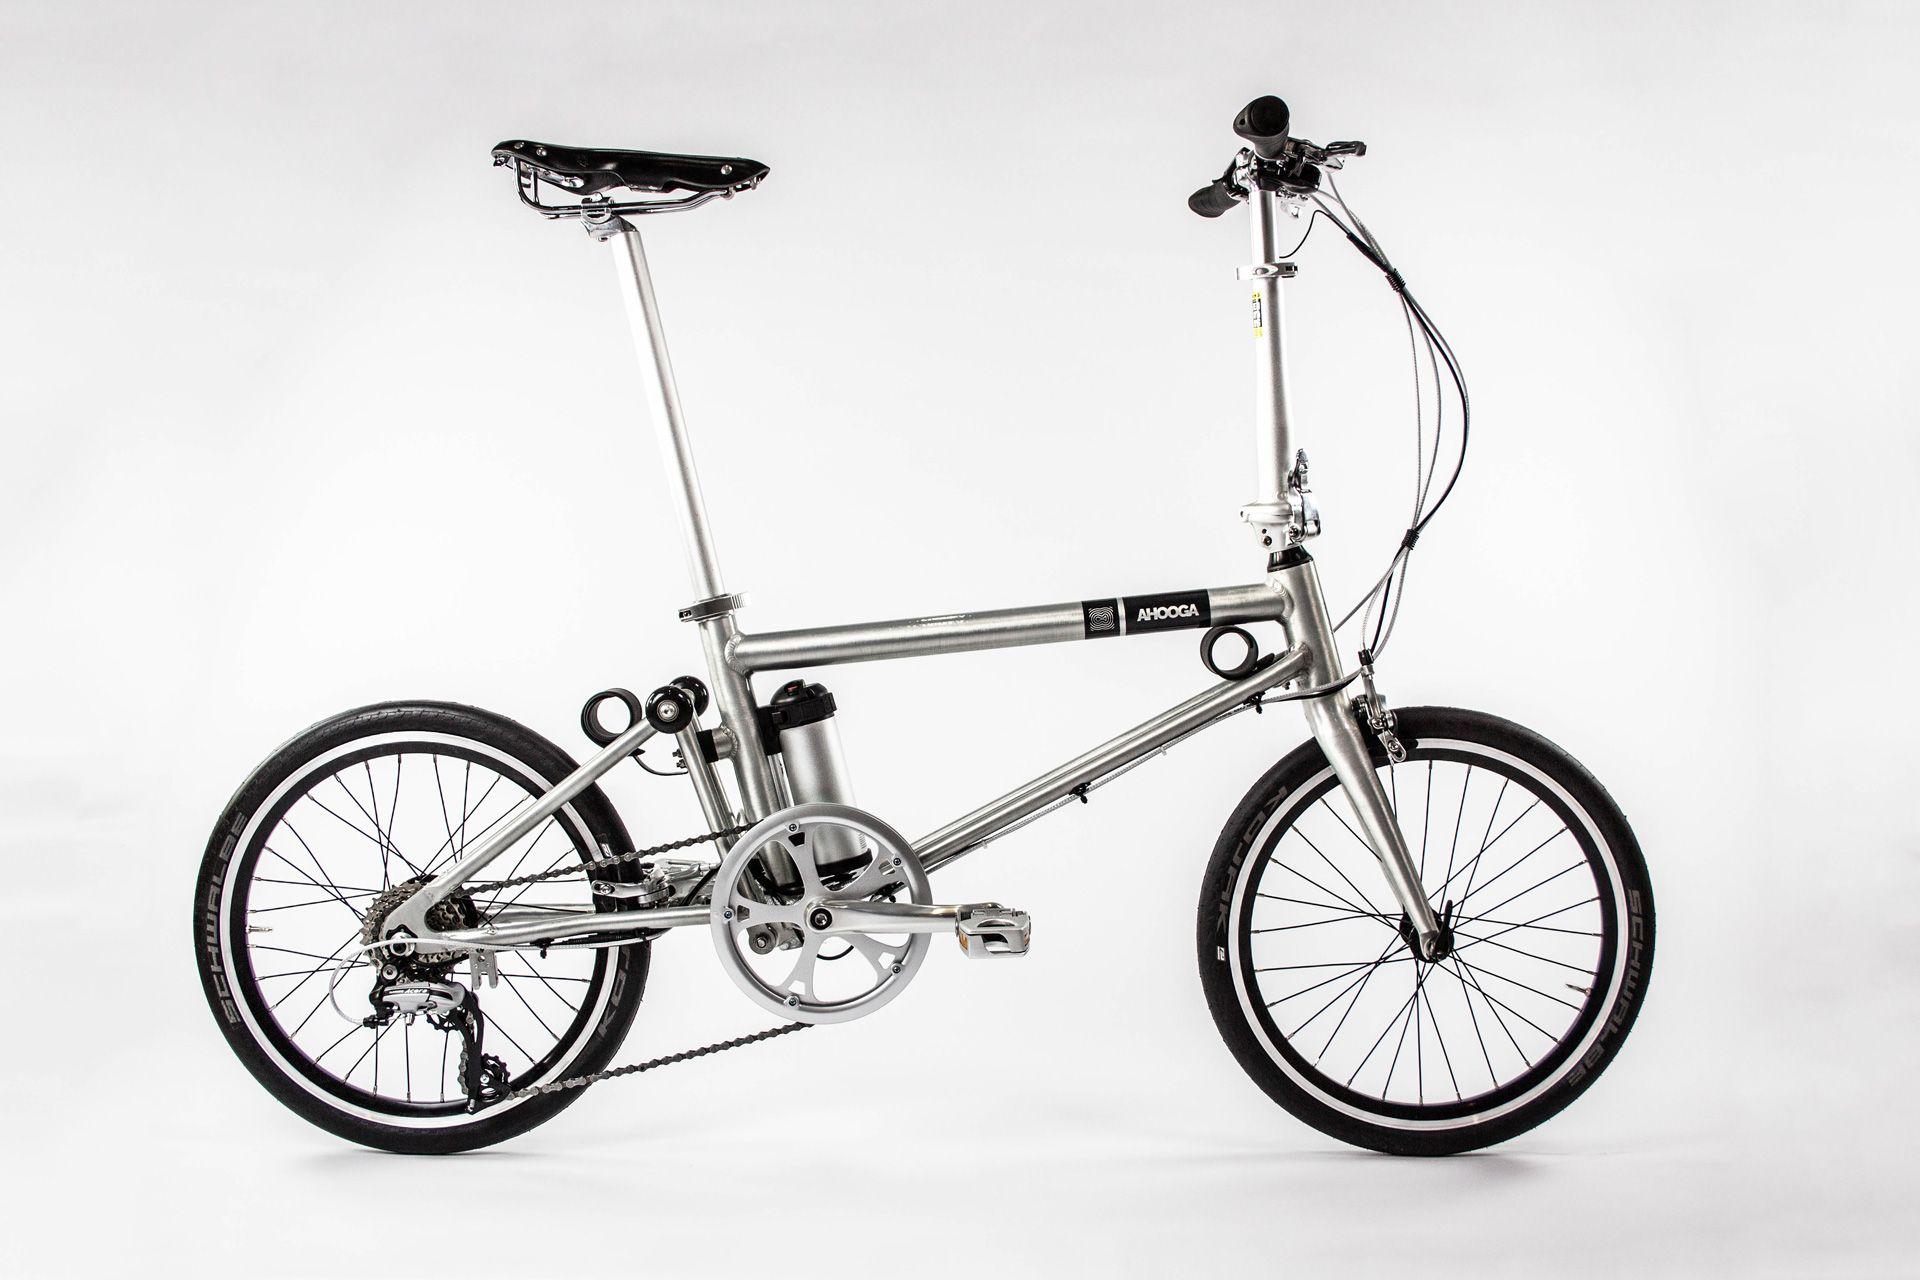 Các sinh viên Anh Quốc sản xuất xe đạp gấp đầu tiên bằng vật liệu tổng hợp 1